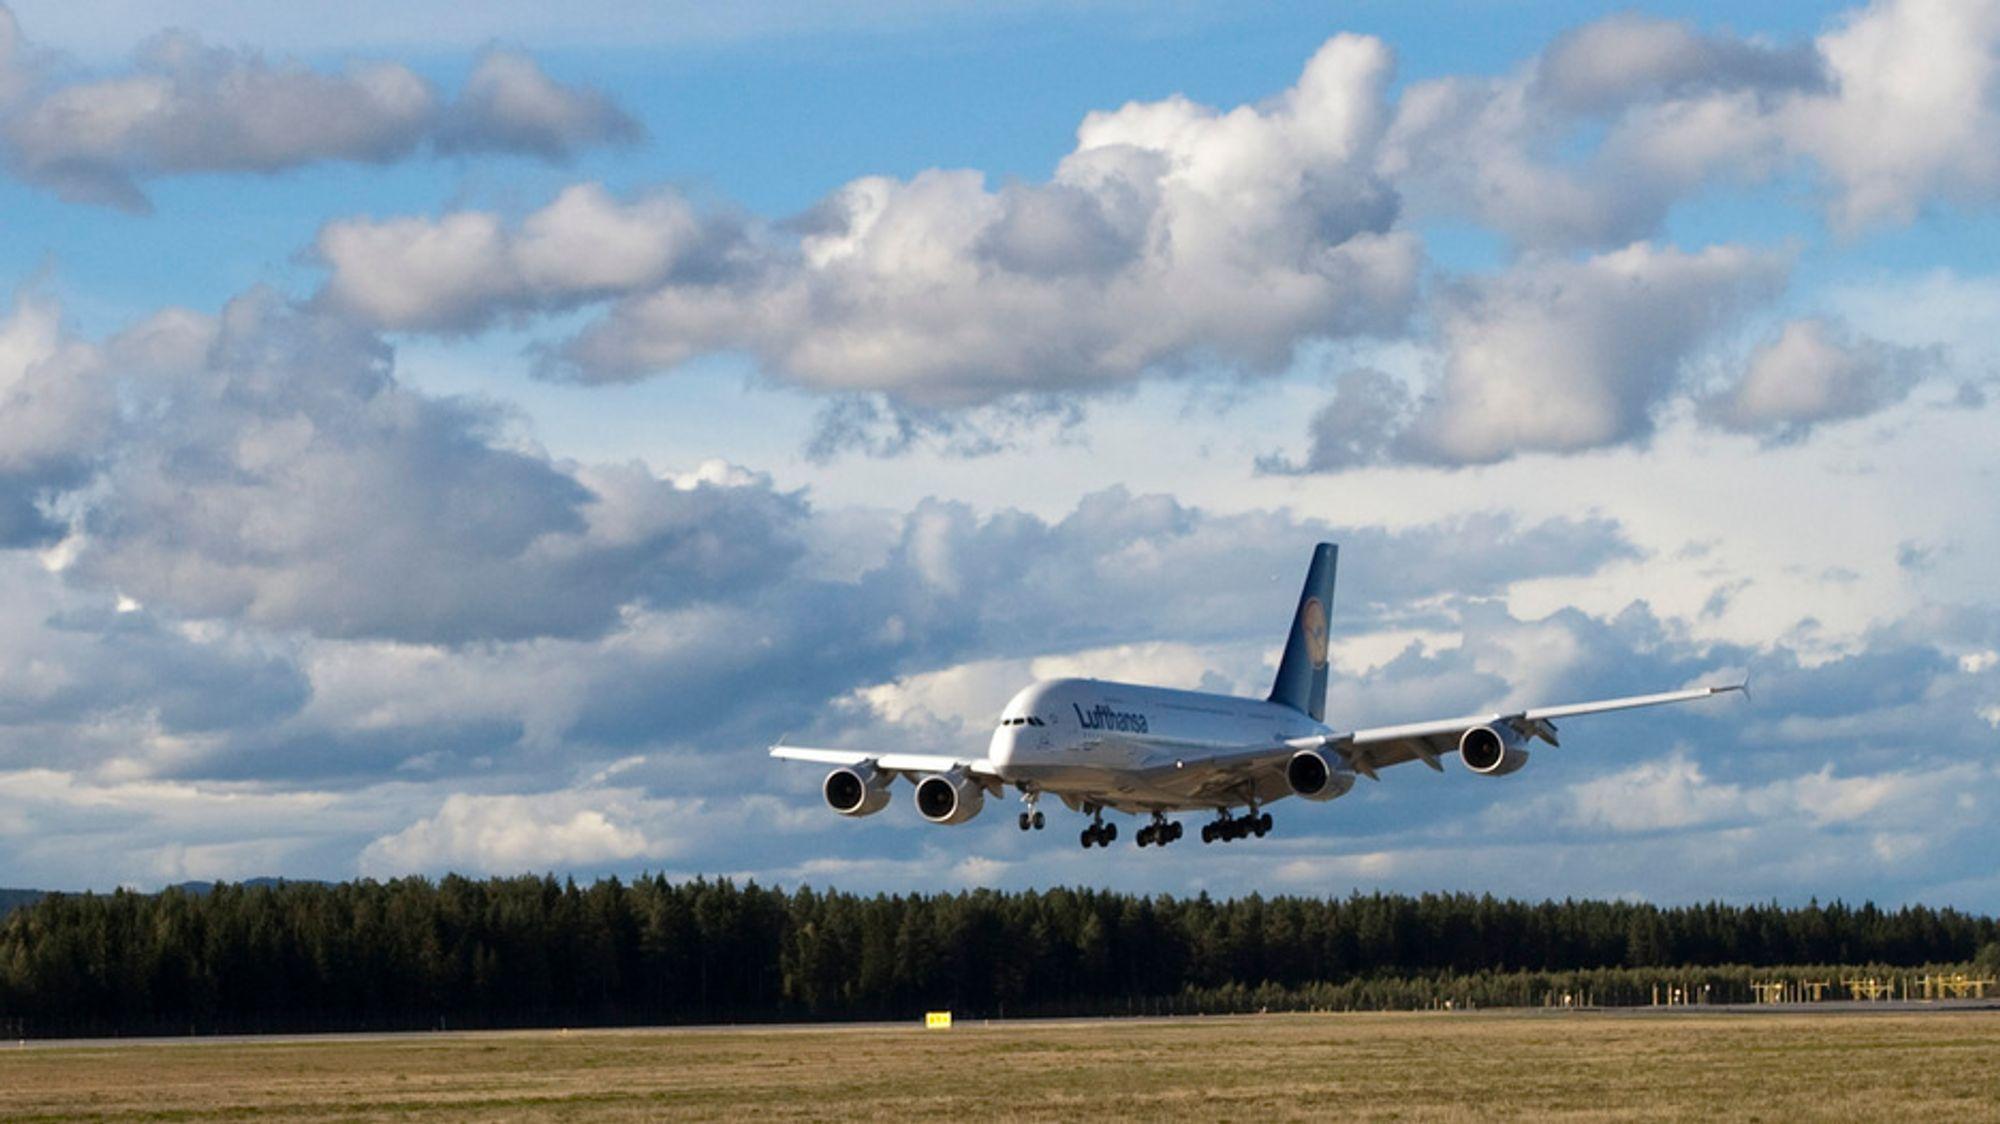 Med Avinors nye system på Gardermoen kan fly - også Airbus A380, som her - gå på tomgang ned til landing.